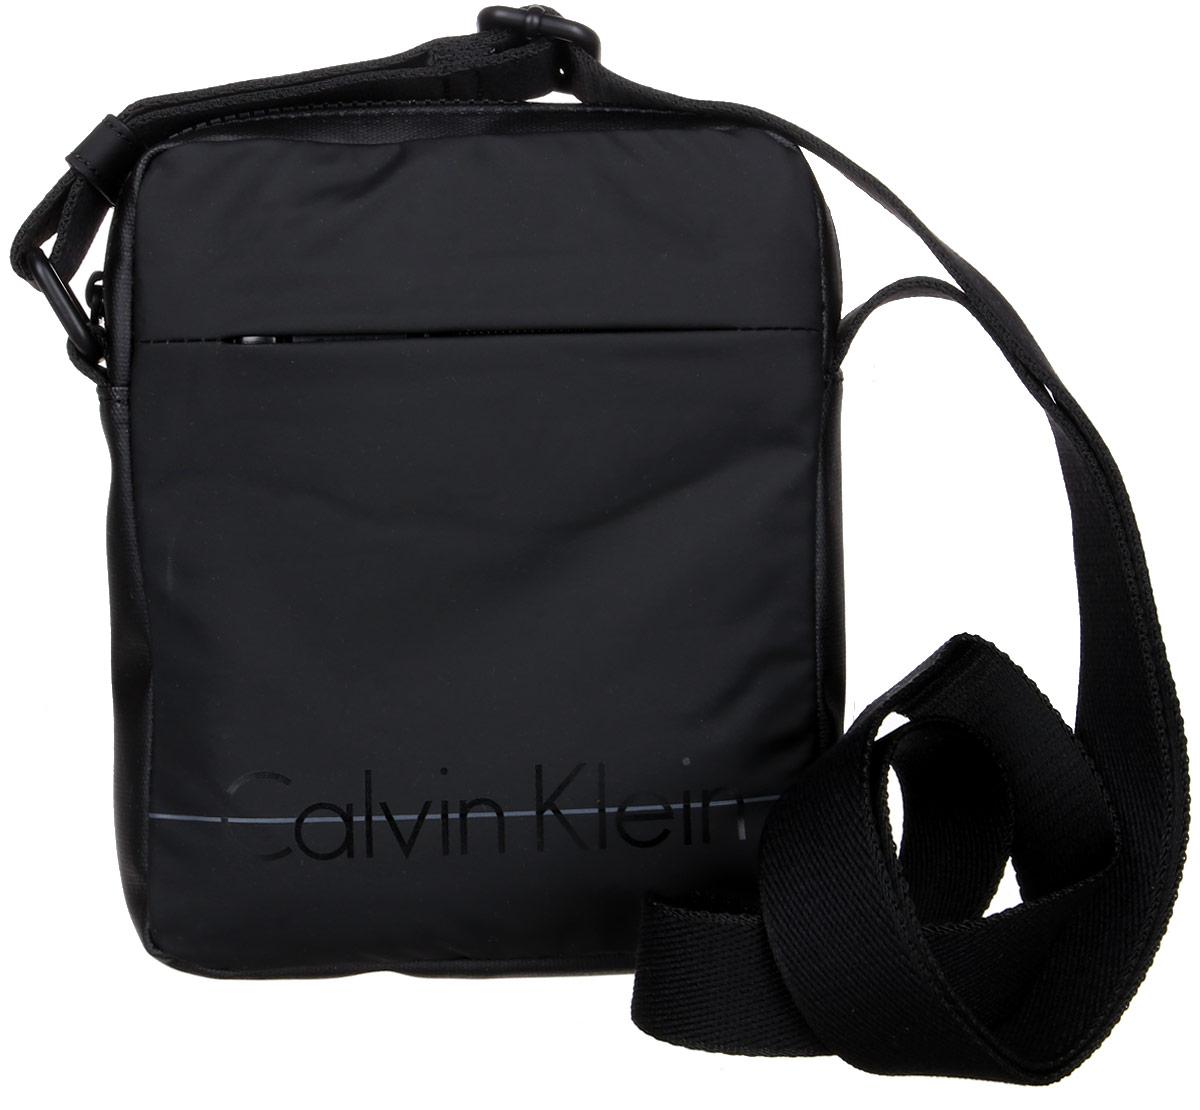 Сумка мужская Calvin Klein Jeans, цвет: черный. K50K502055_001K50K502055_001Стильная сумка Calvin Klein Jeans выполнена из поливинилхлорида с добавлением хлопка и полиэстера, оформлена надписью с названием бренда. Изделие содержит одно отделение, которое закрывается на застежку-молнию. Спереди расположен один открытый накладной карман. Сумка оснащена плечевым ремнем регулируемой длины. В комплекте с изделием поставляется чехол для хранения.